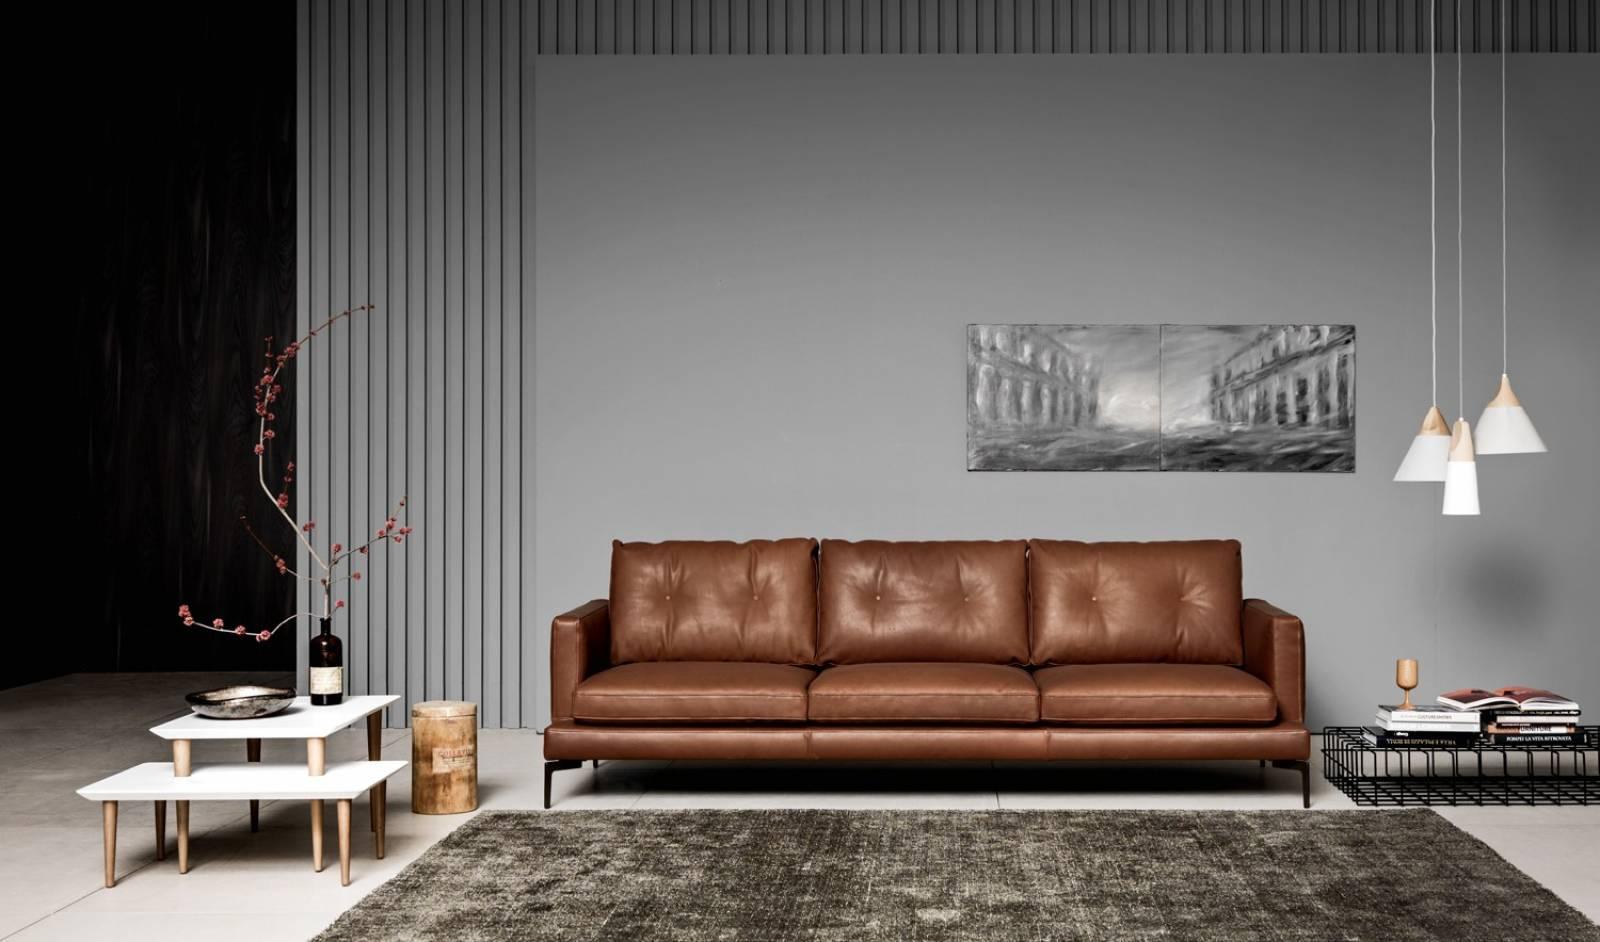 Entretien Canapé Cuir Naturel quelle matière pour votre canapé ? - magasin de meubles